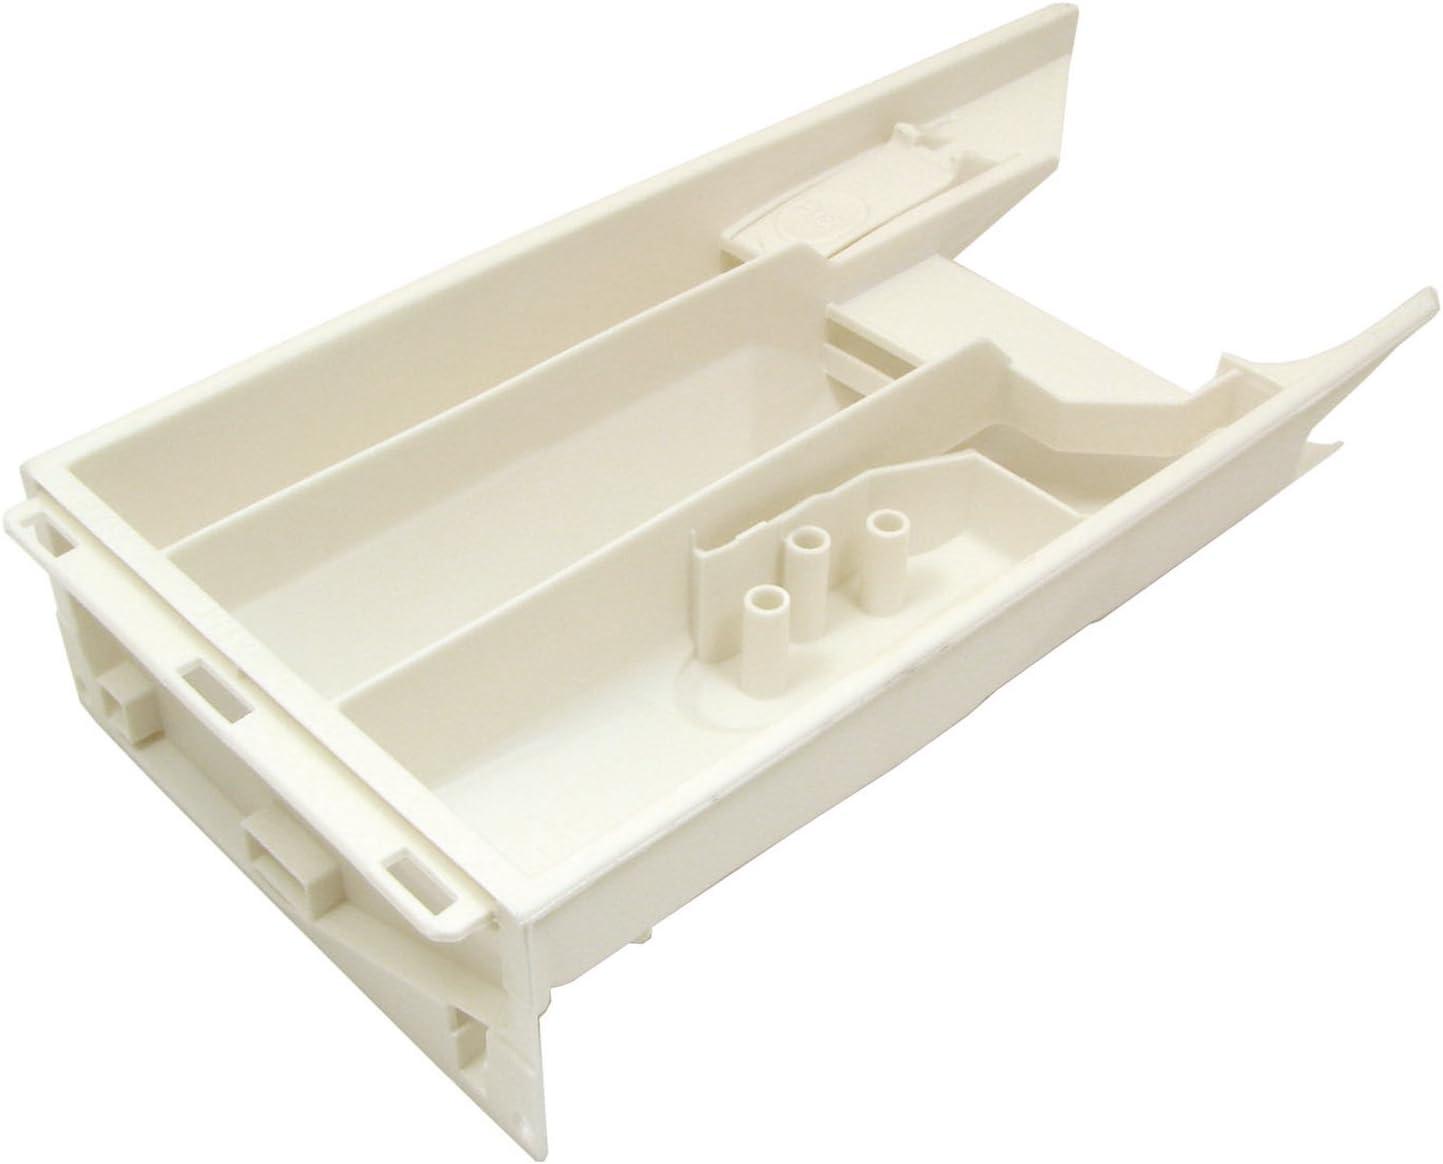 Electrolux lavadora del cajón dispensador de jabón: Amazon.es: Hogar